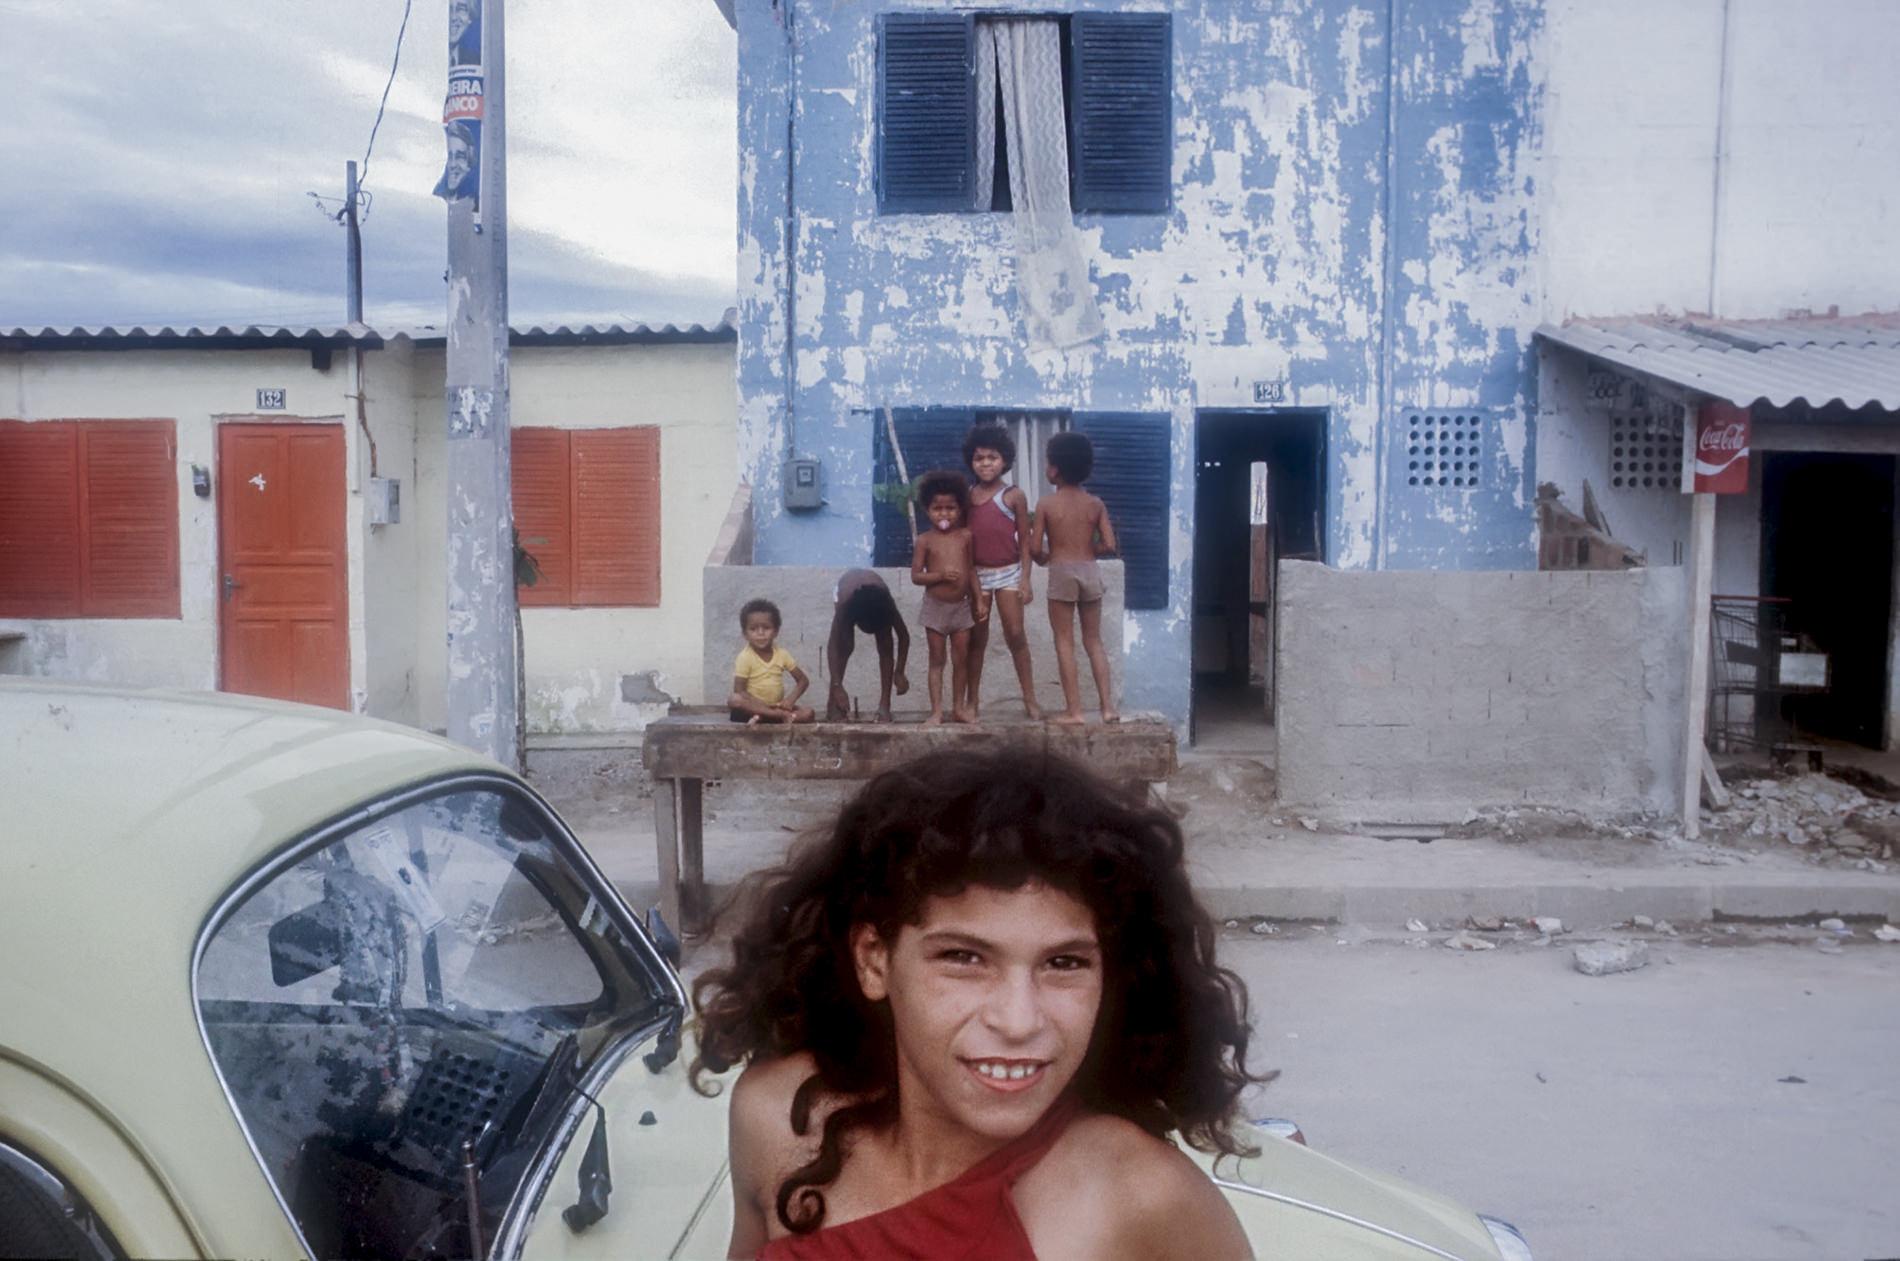 Felvégi Andrea: Rio, Favella, 1983 © Felvégi Andrea